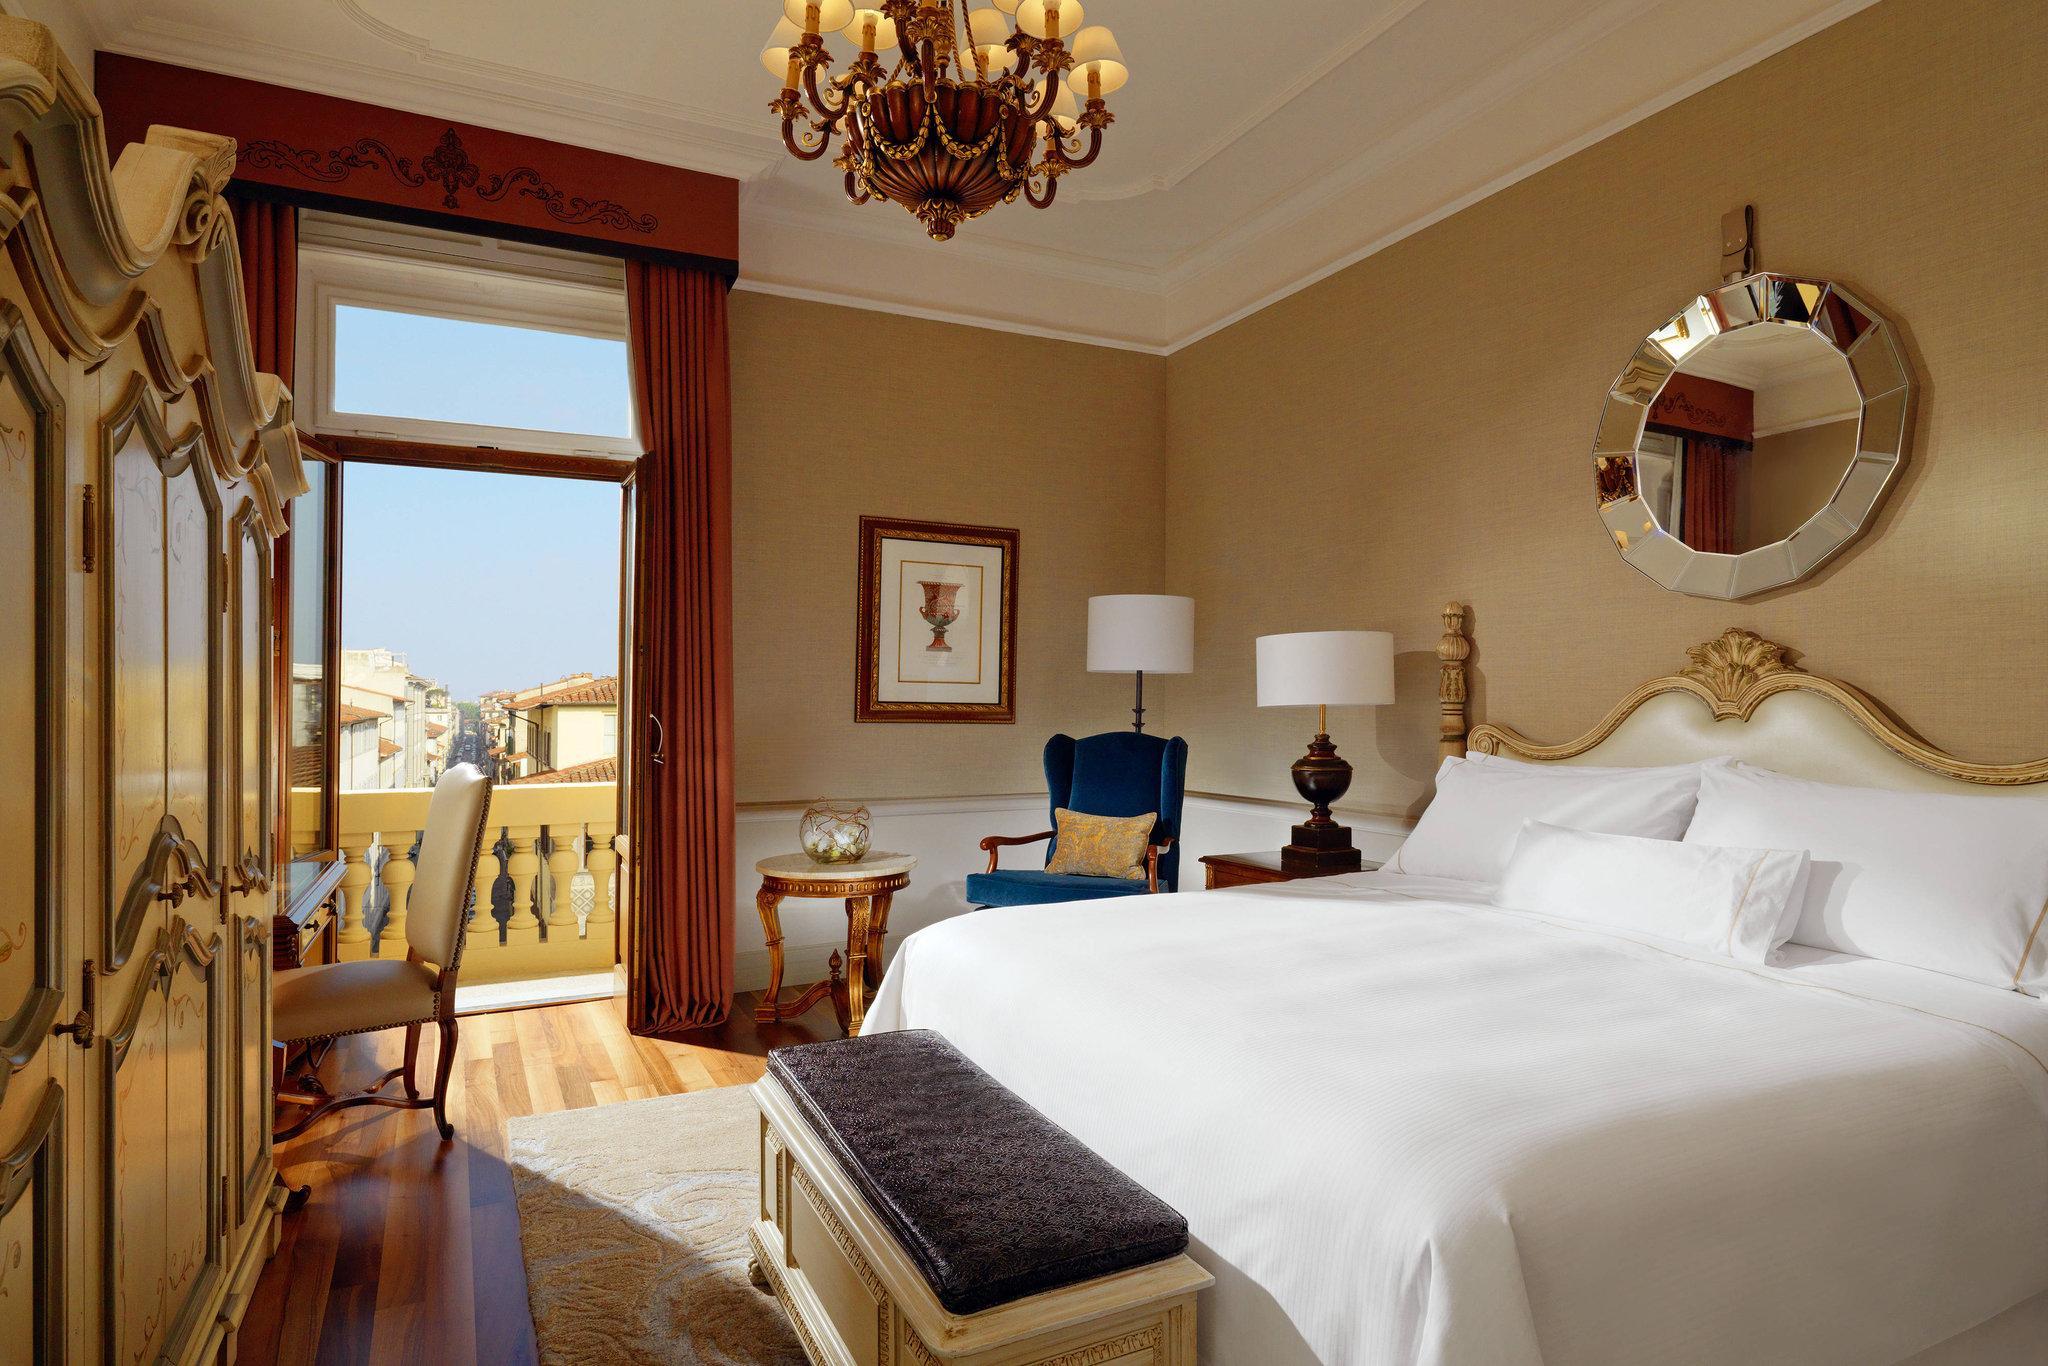 هتل وستین اکسلسیور فلورانس